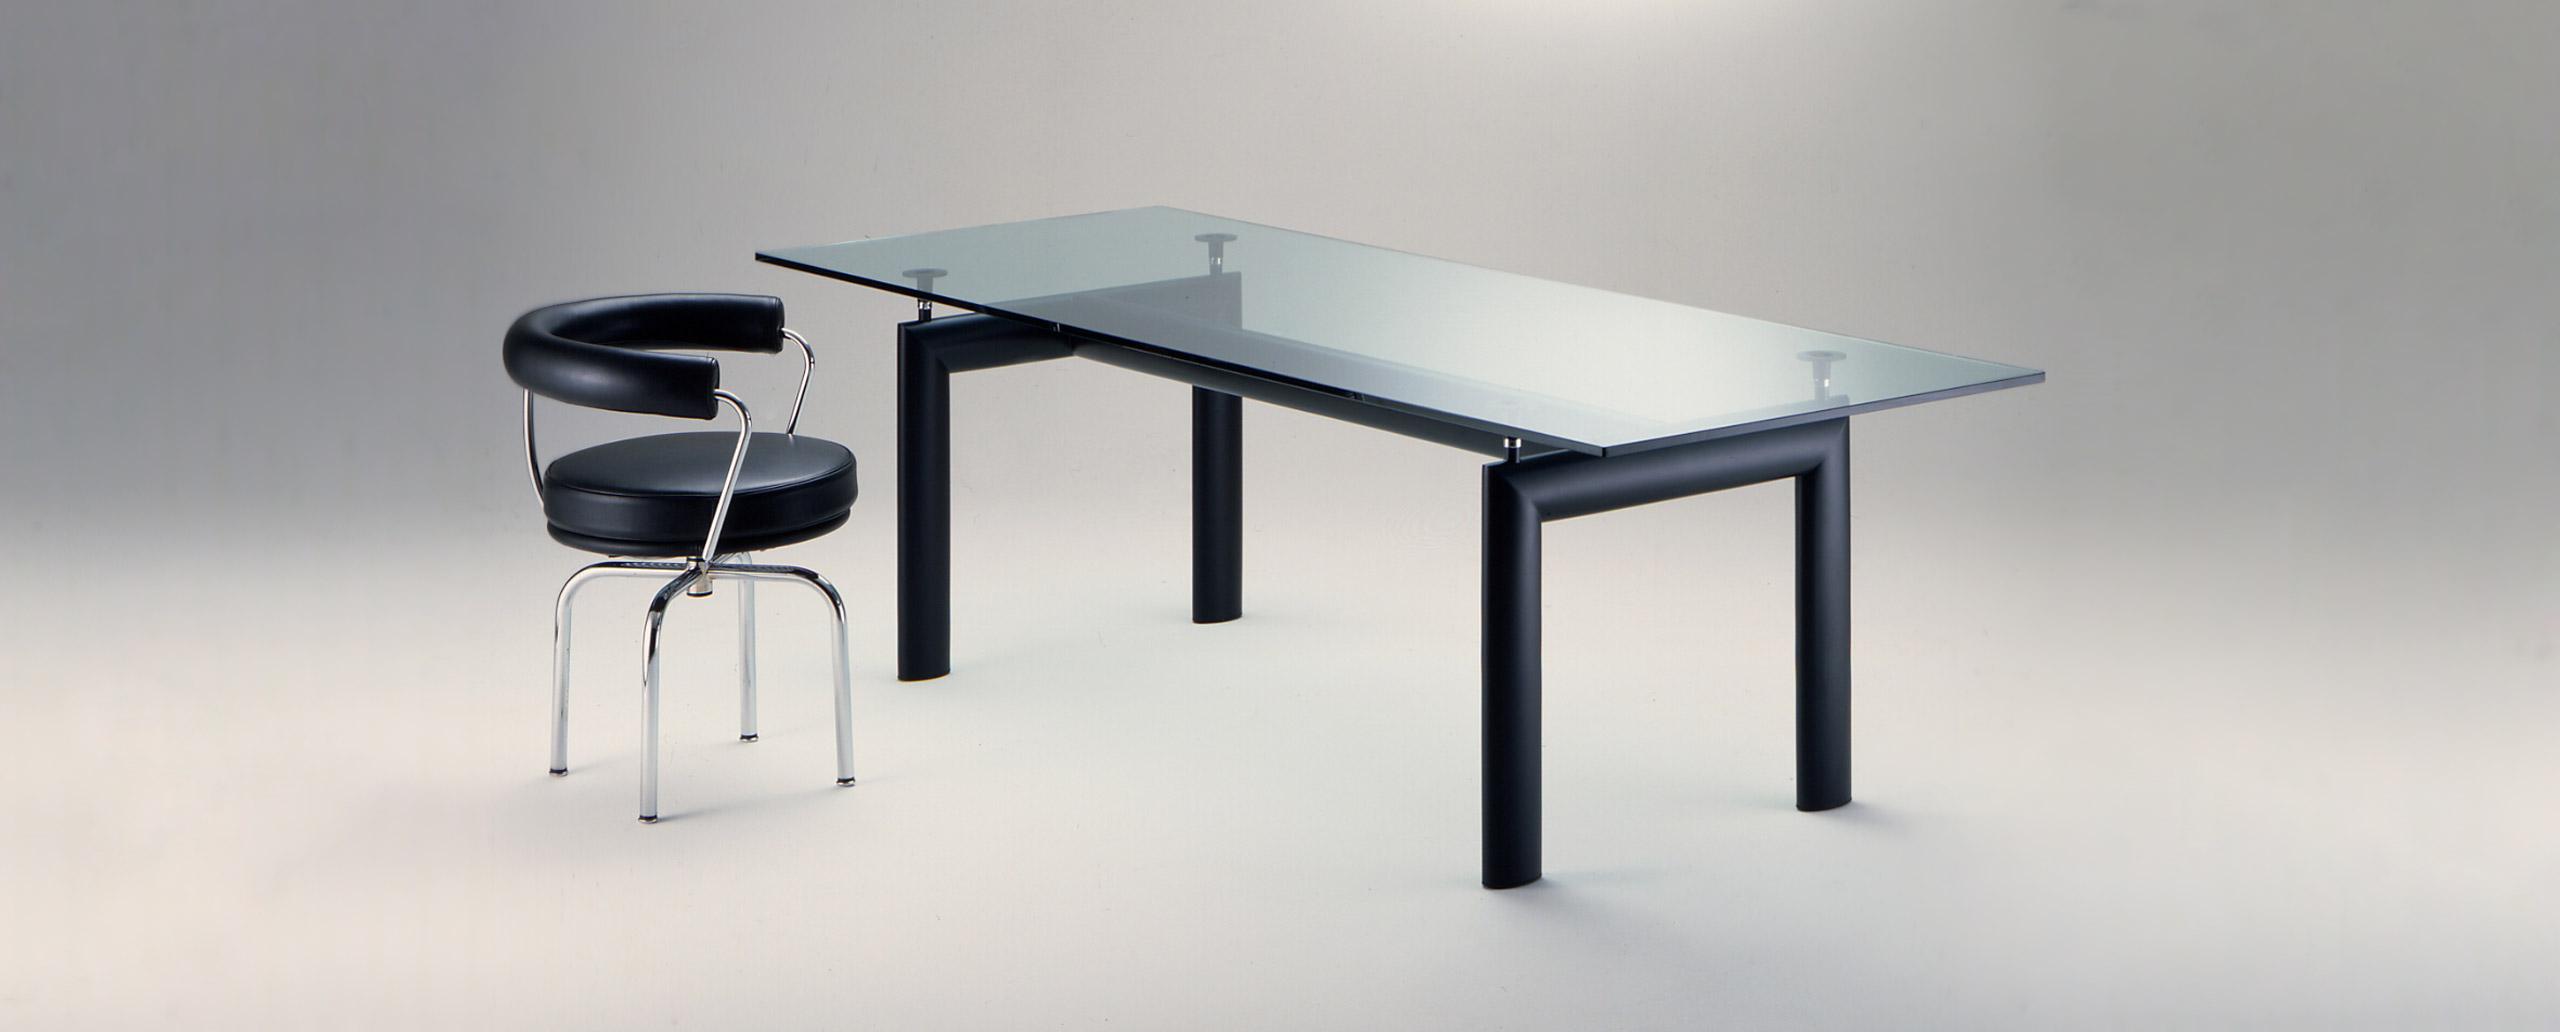 桌几 餐桌 创意家具 现代家居 时尚家具 设计师家具 定制家具 实木家具 LC6餐台